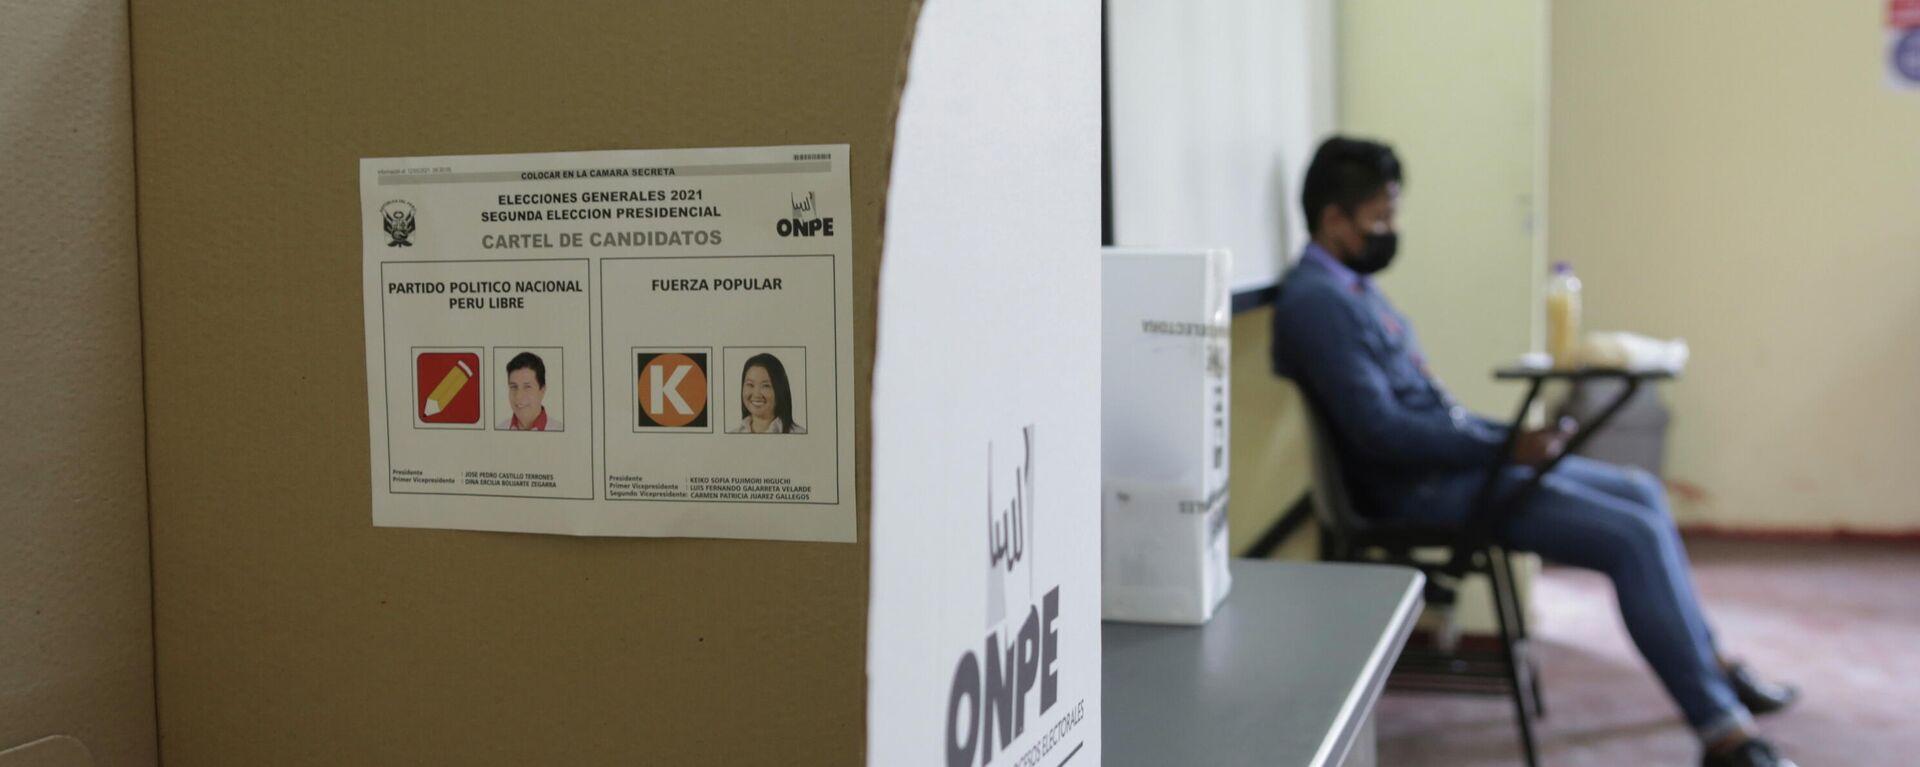 Elecciones en Perú - Sputnik Mundo, 1920, 25.06.2021